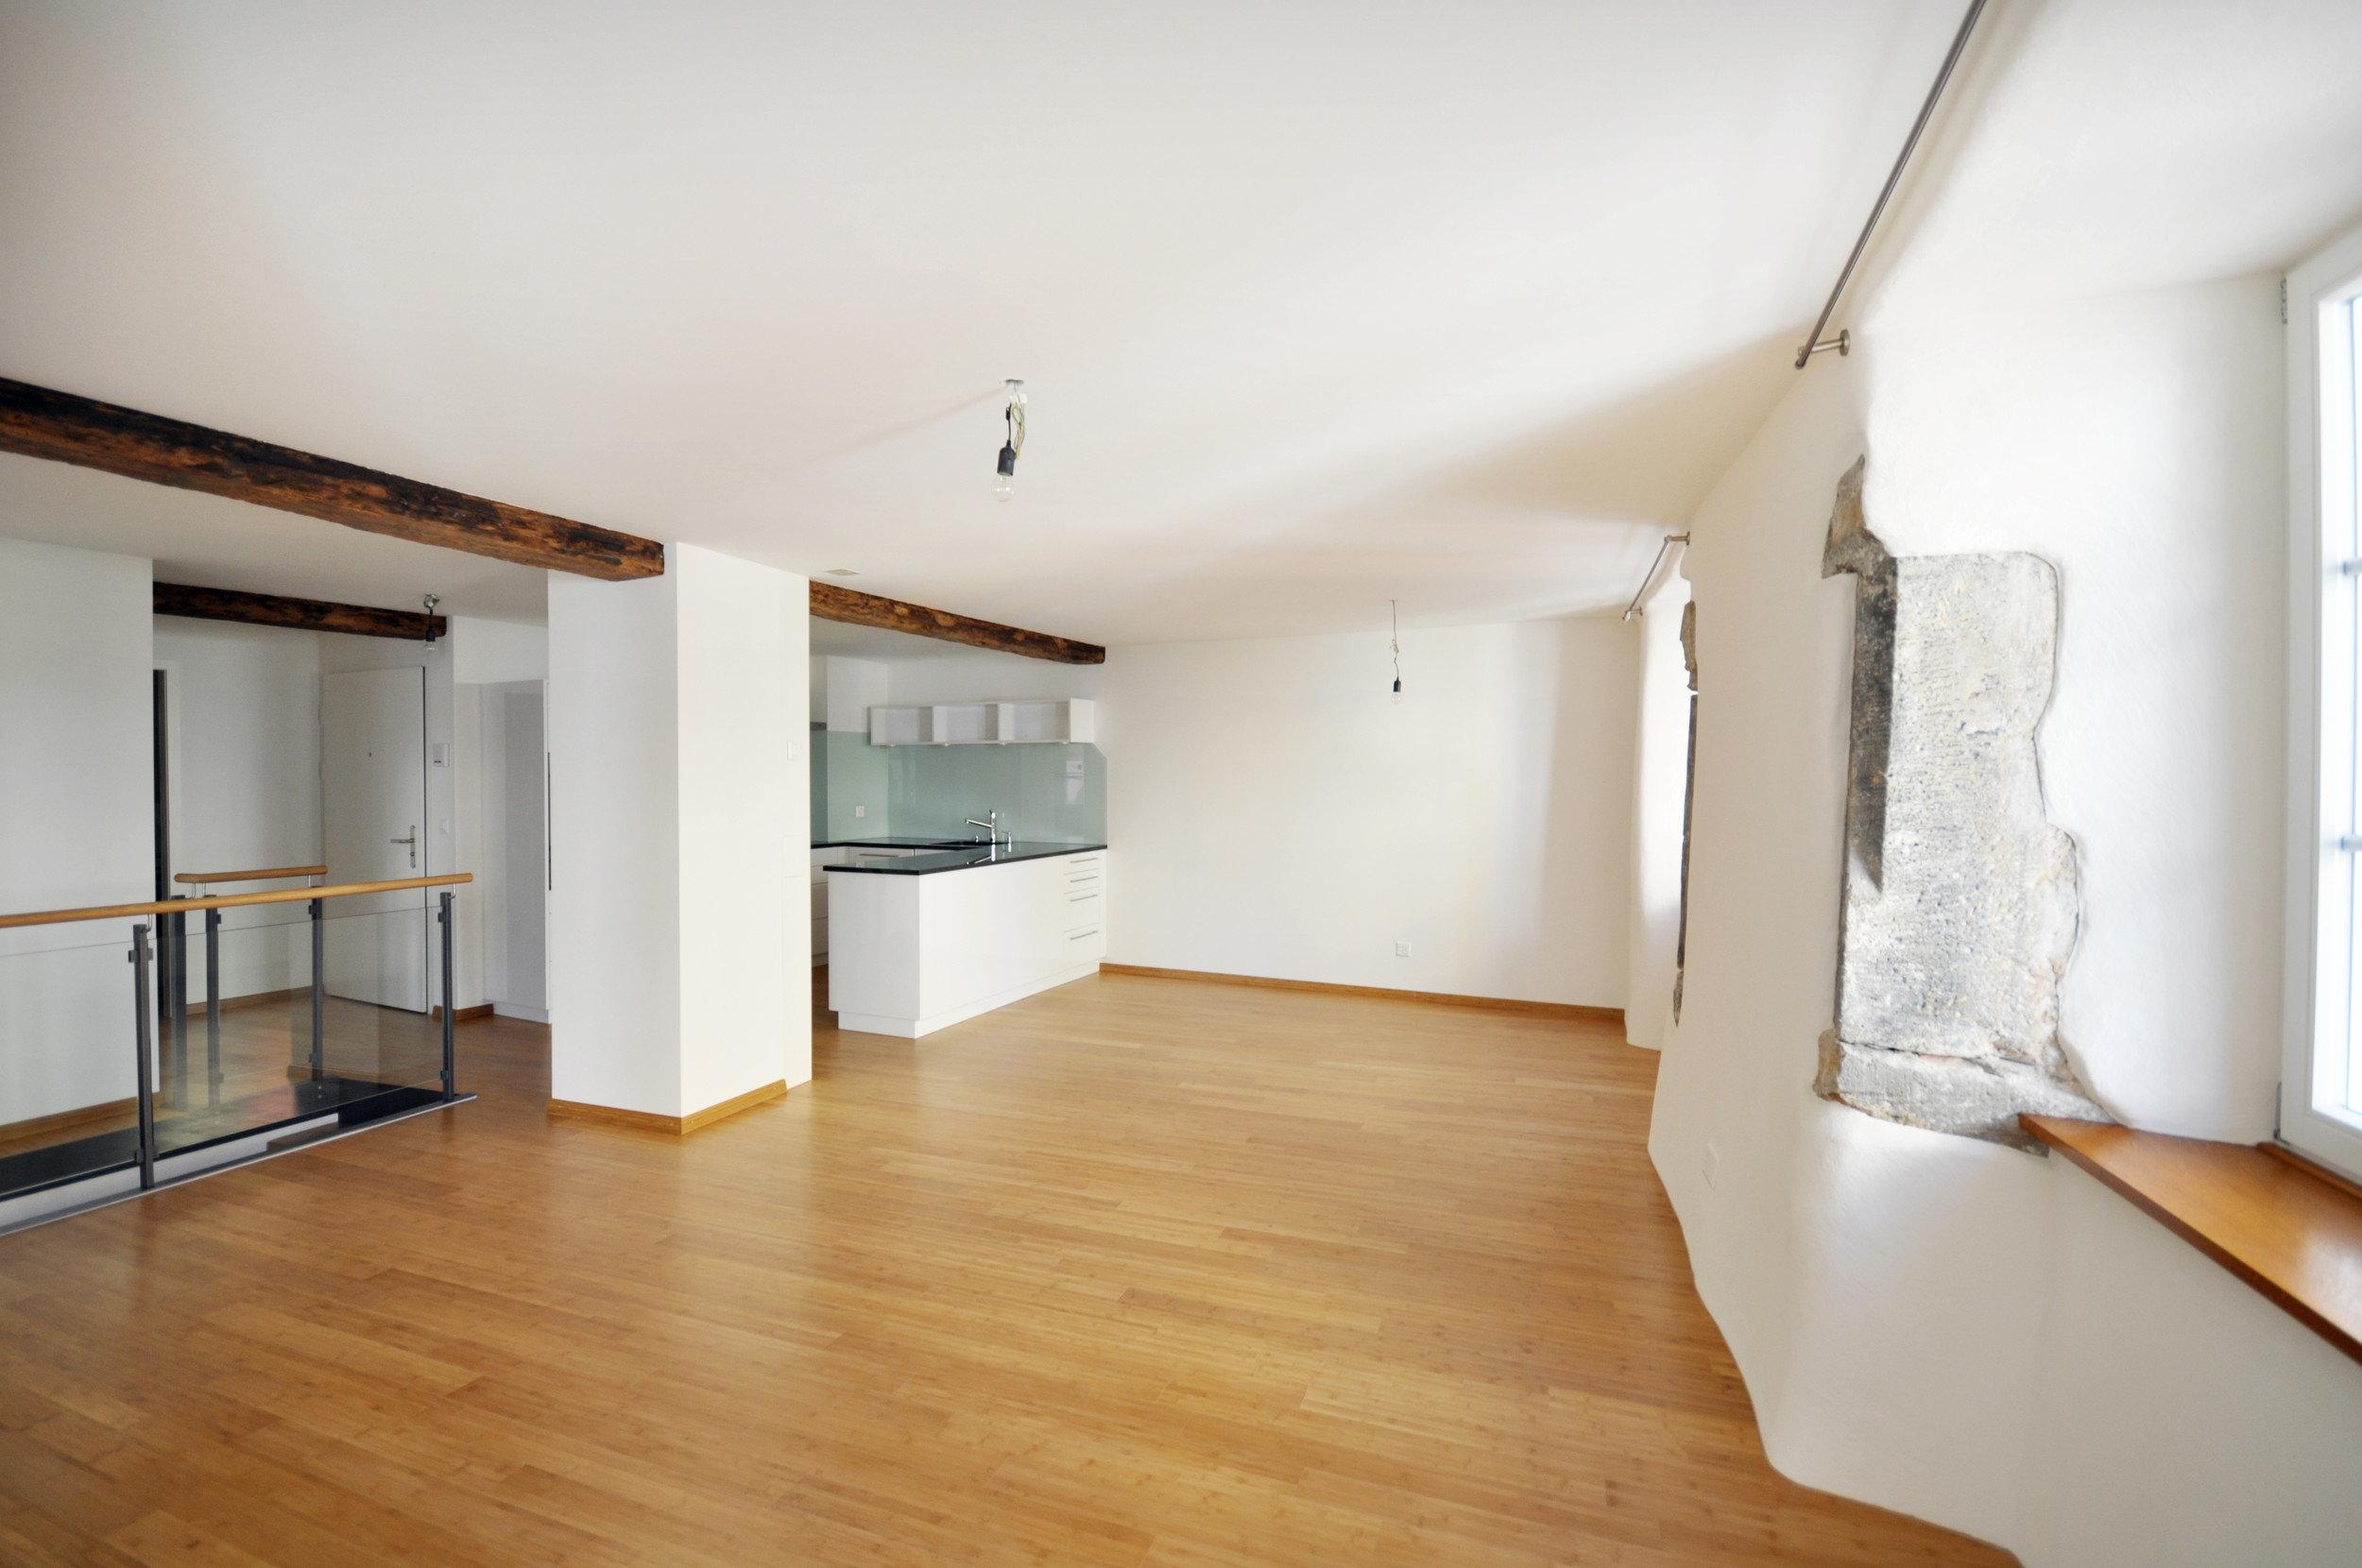 grosser lichtdurchfluteter renovierter Raum mit alten Steinplattenteilen in der Wand